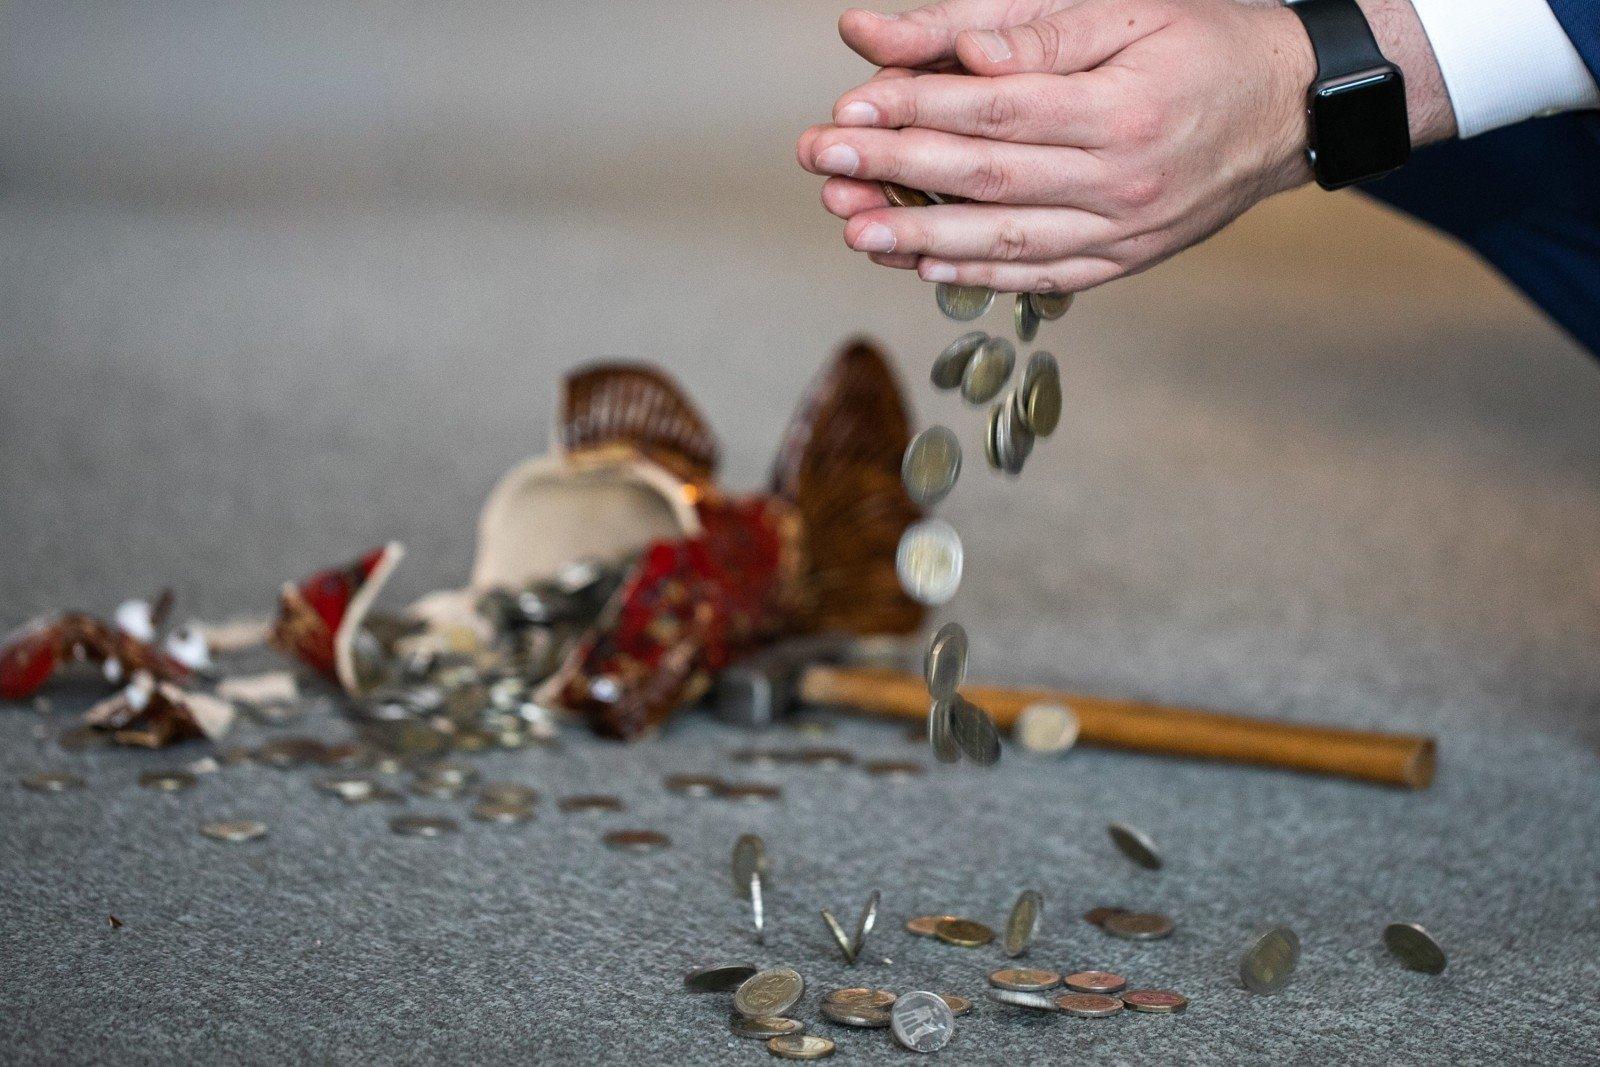 Kaip užsidirbti pinigų su 50 tūkst. Kaip Galiu Greitai Uždirbti Pinigus